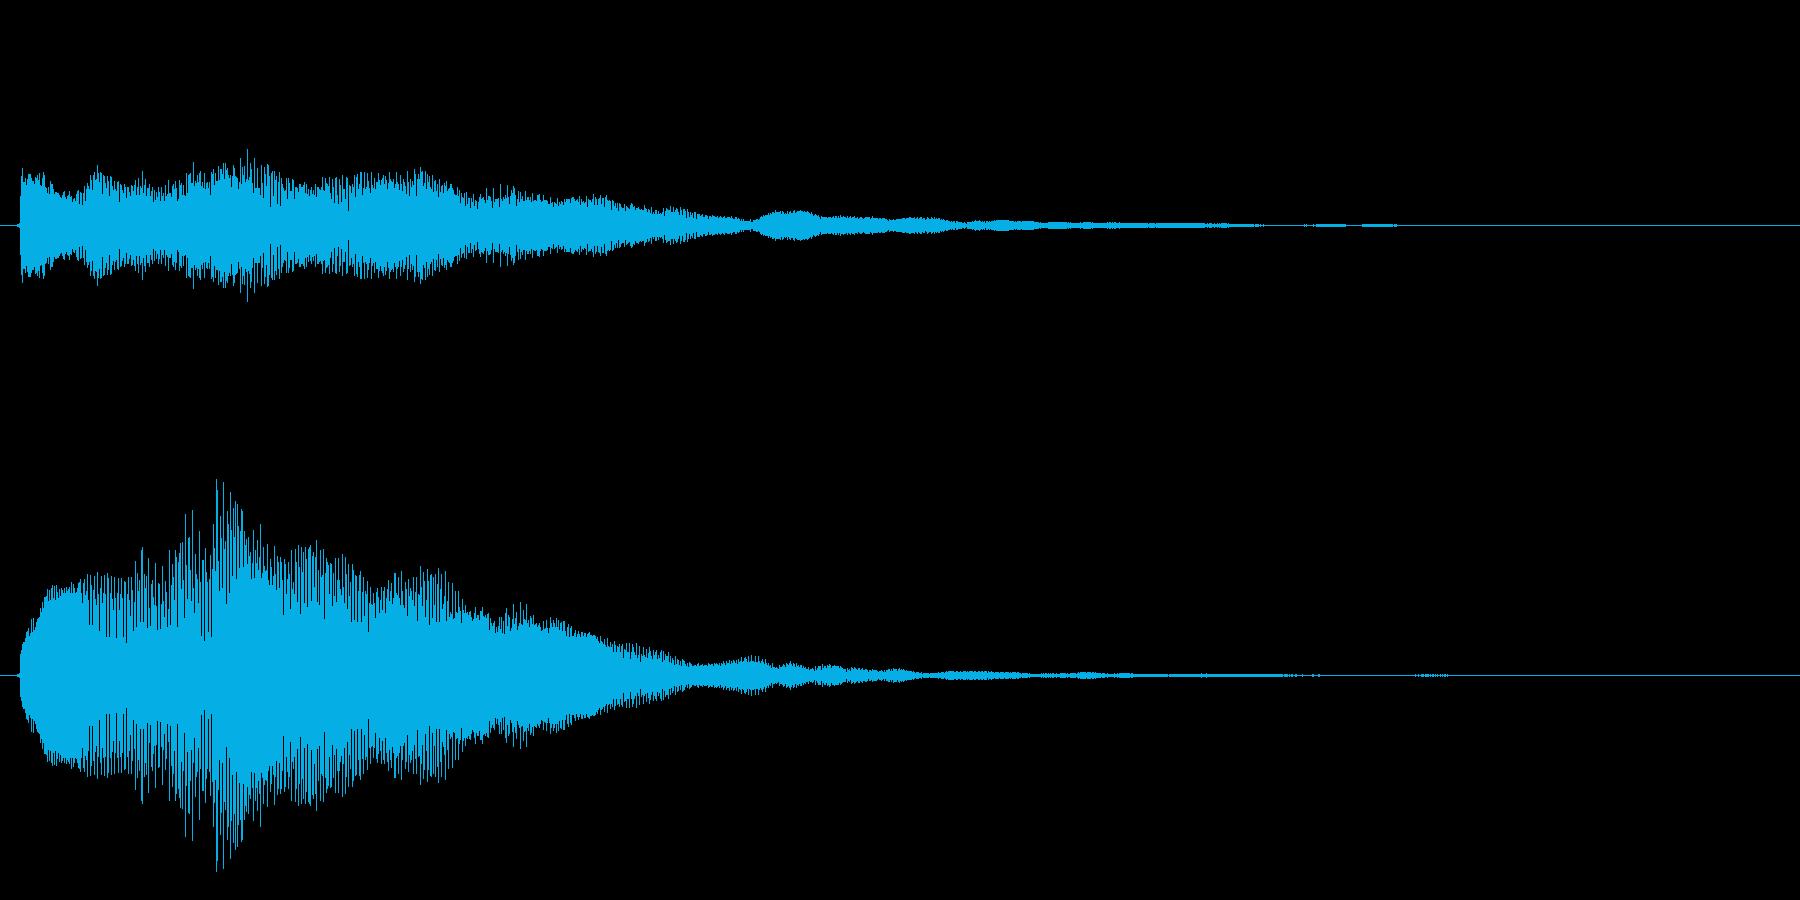 キラキラしたベルの上昇音2の再生済みの波形